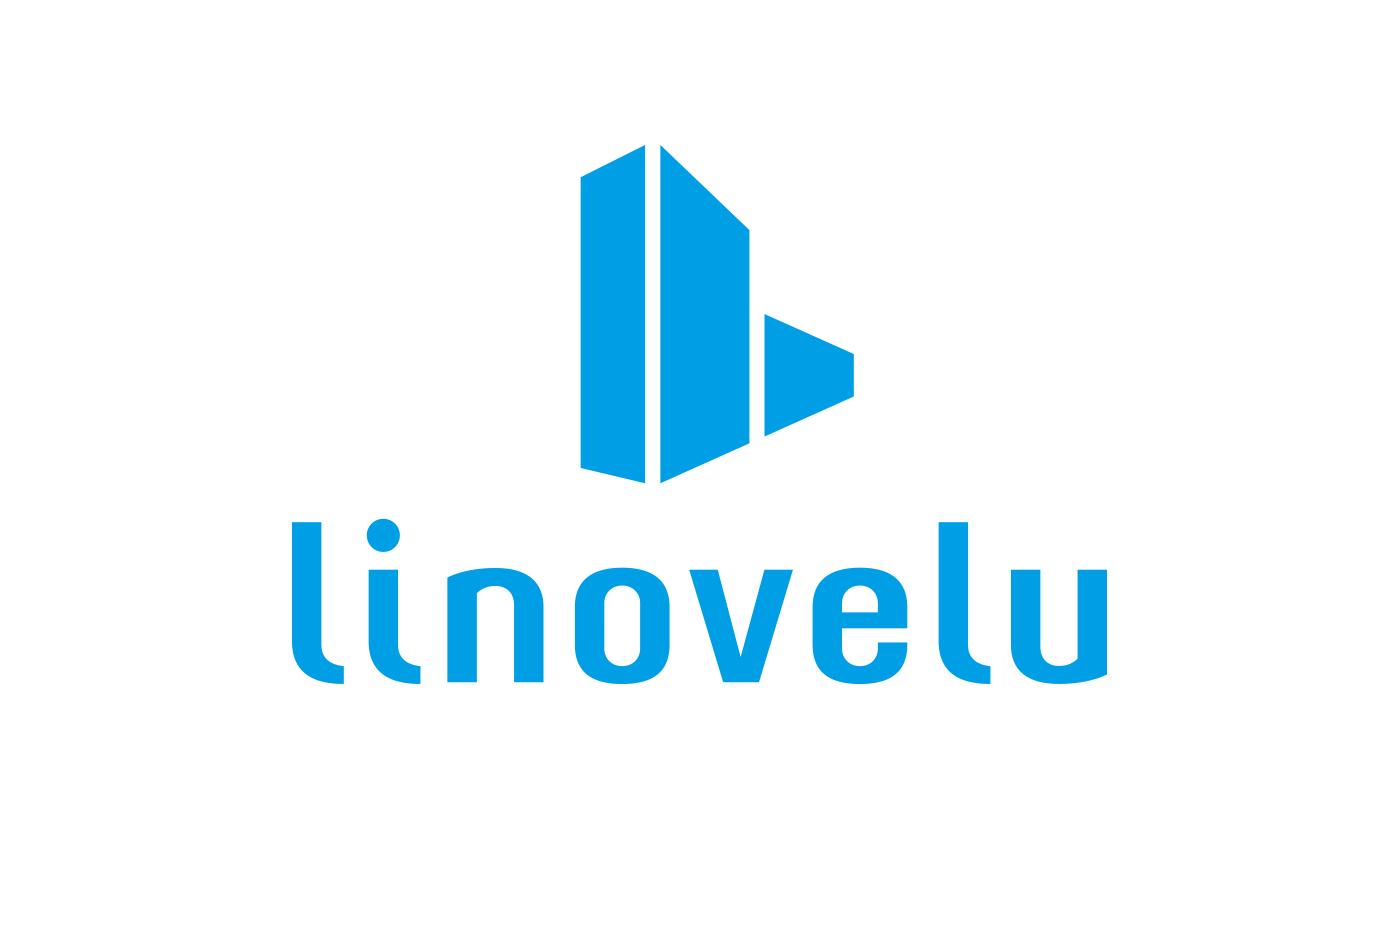 不動産会社のロゴデザイン制作